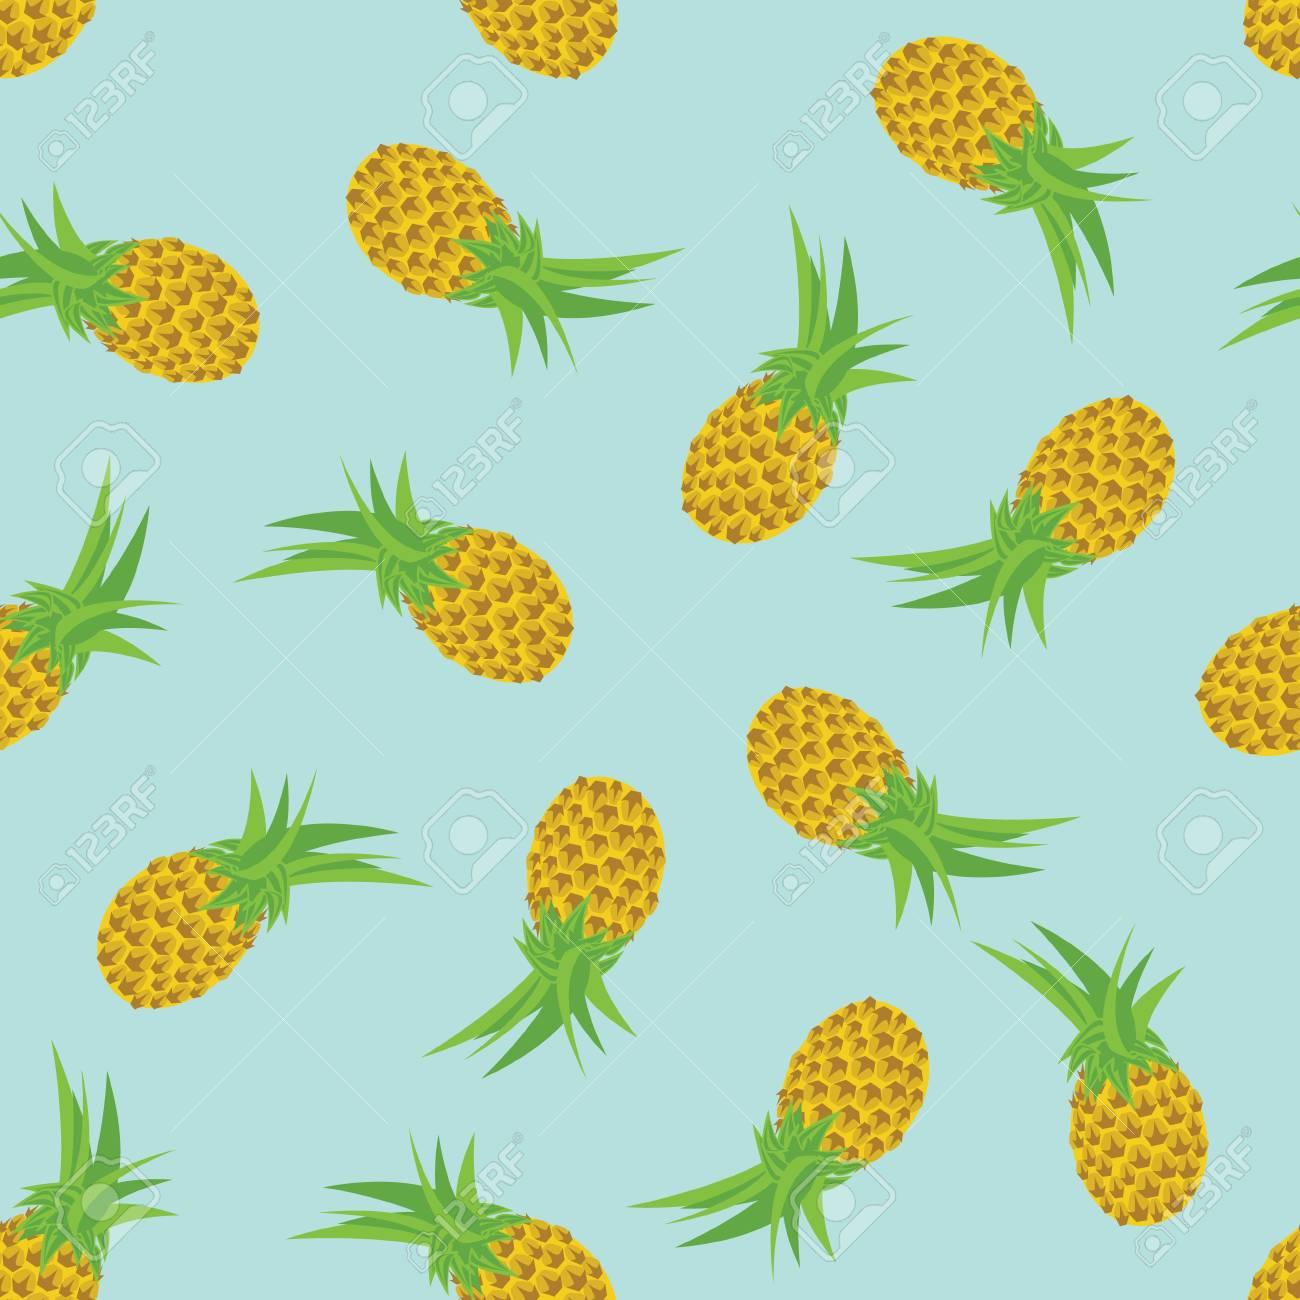 エキゾチックなフルーツ パイナップルとラスター図シームレス パターン トロピカル フルーツ パターン 壁紙や背景 の写真素材 画像素材 Image